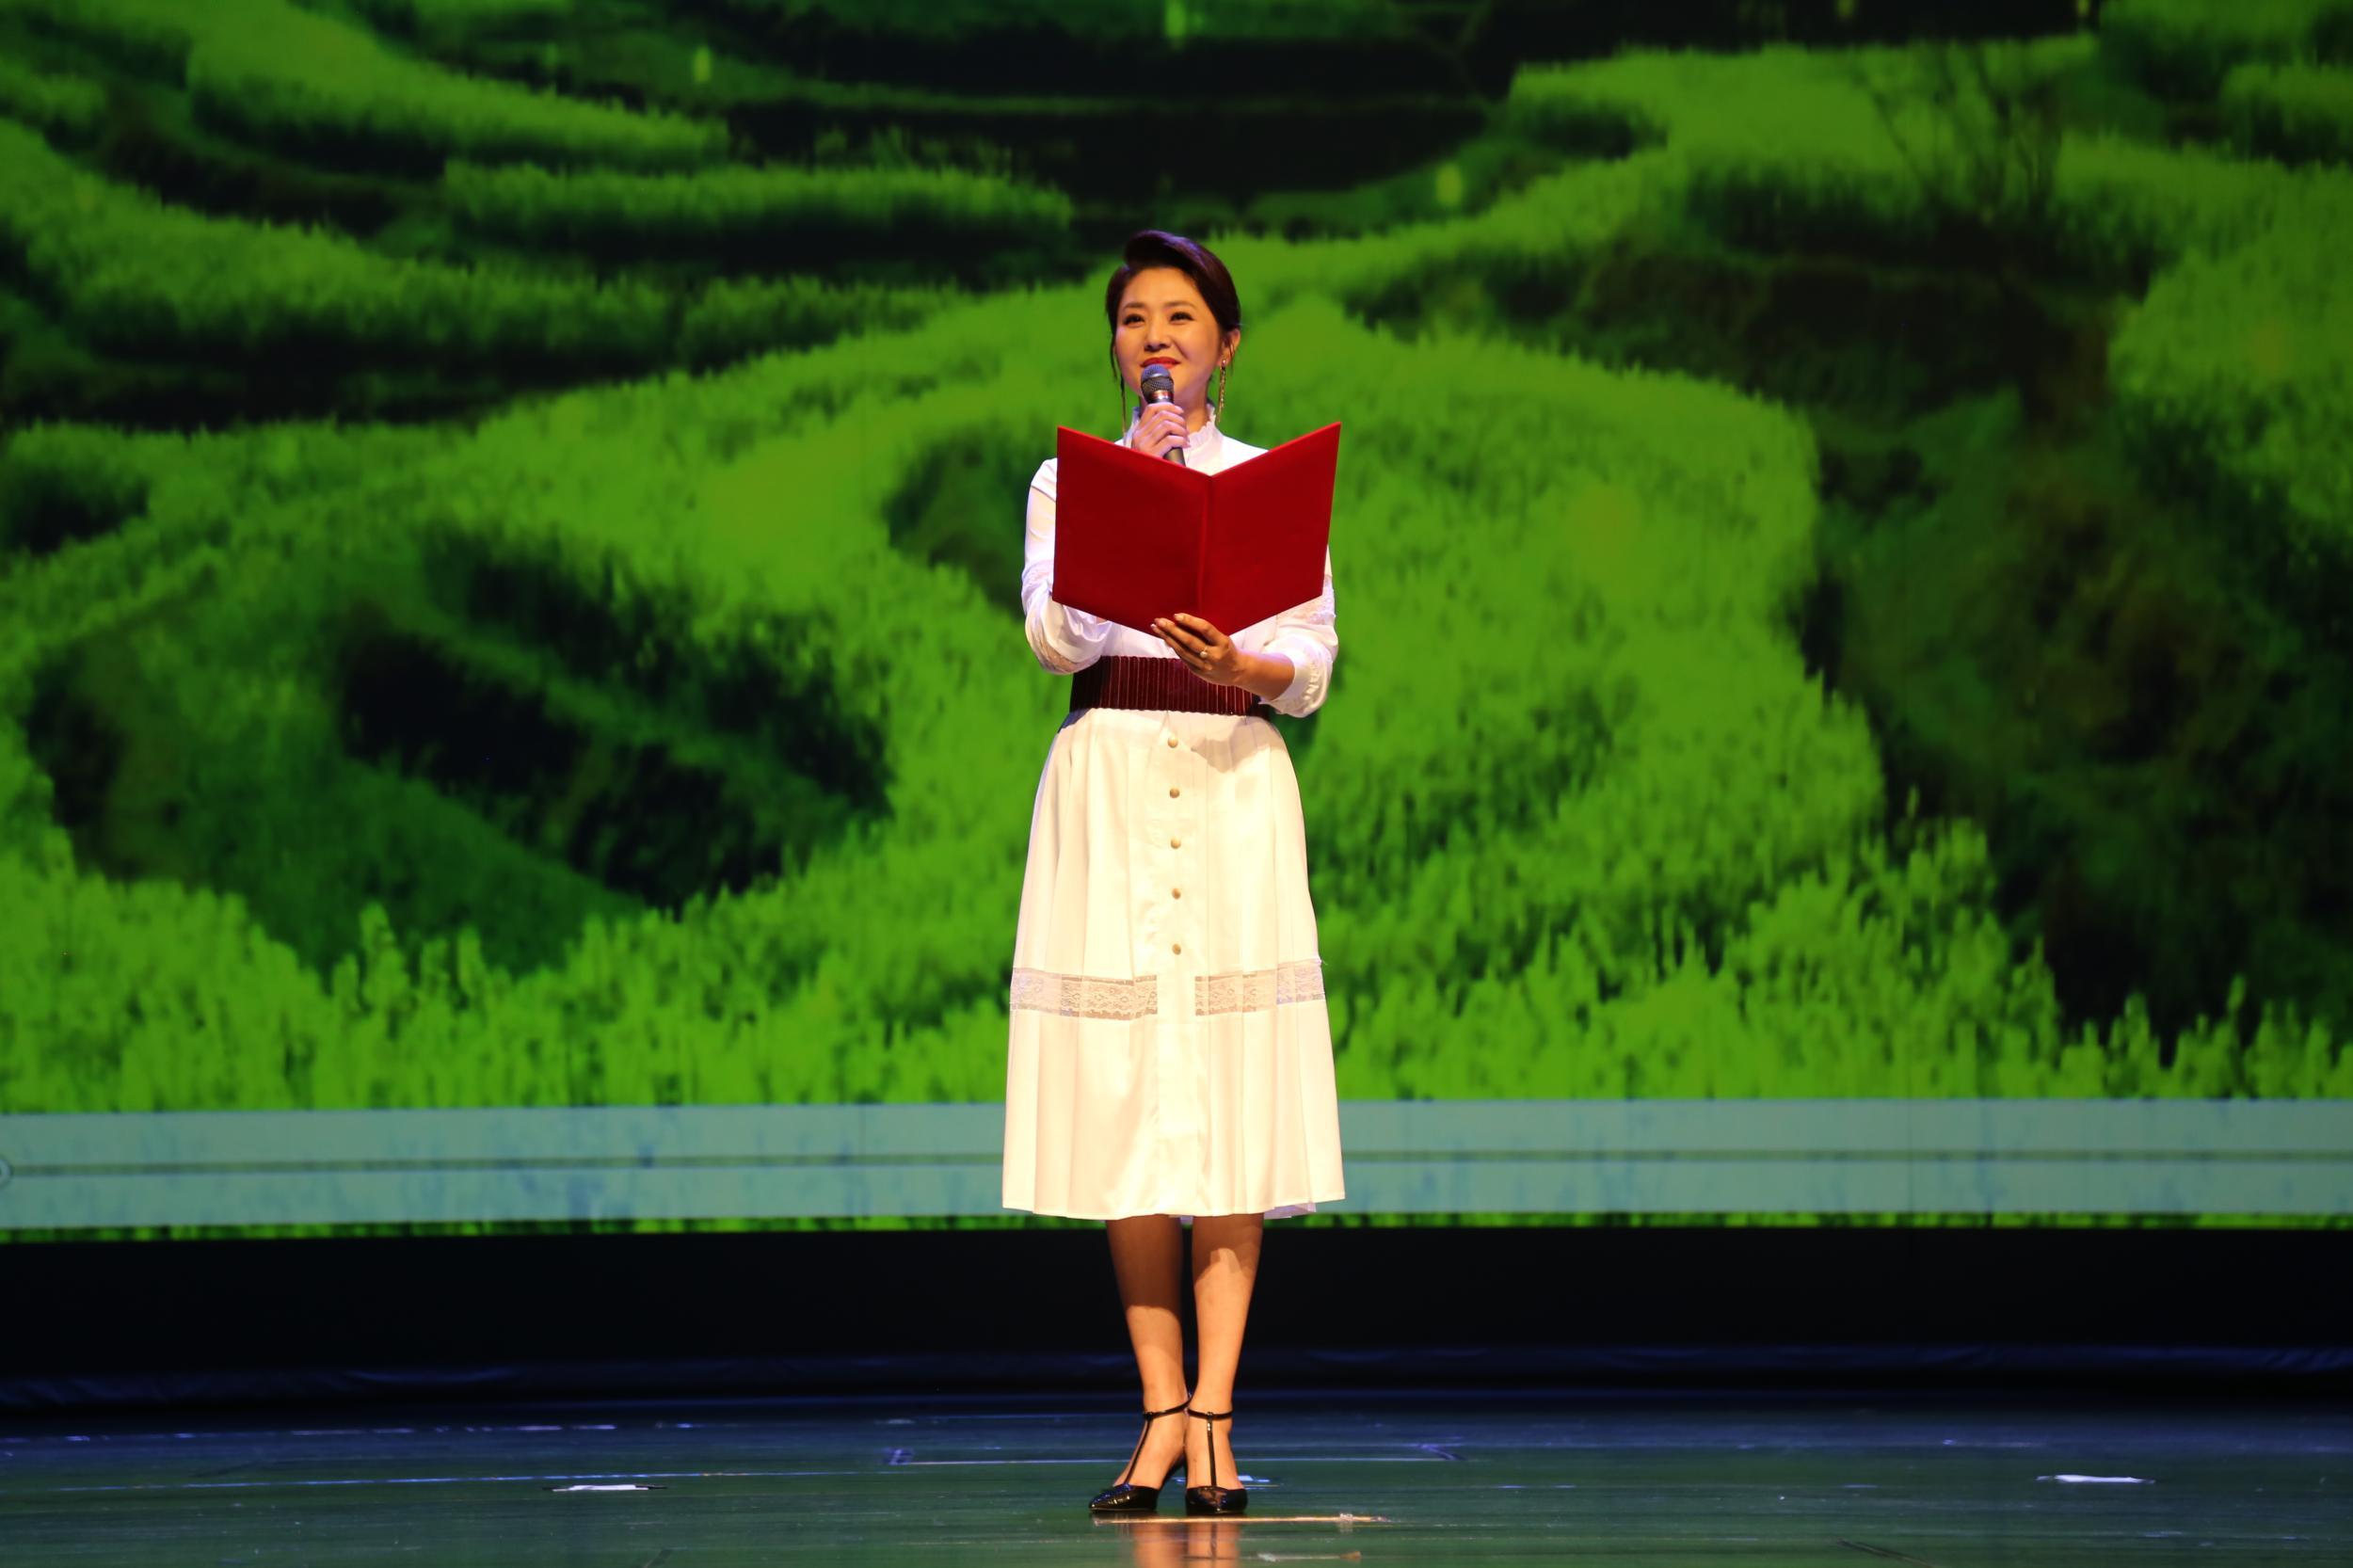 保定莲池区举办庆祝新中国成立70周年朗诵音乐会